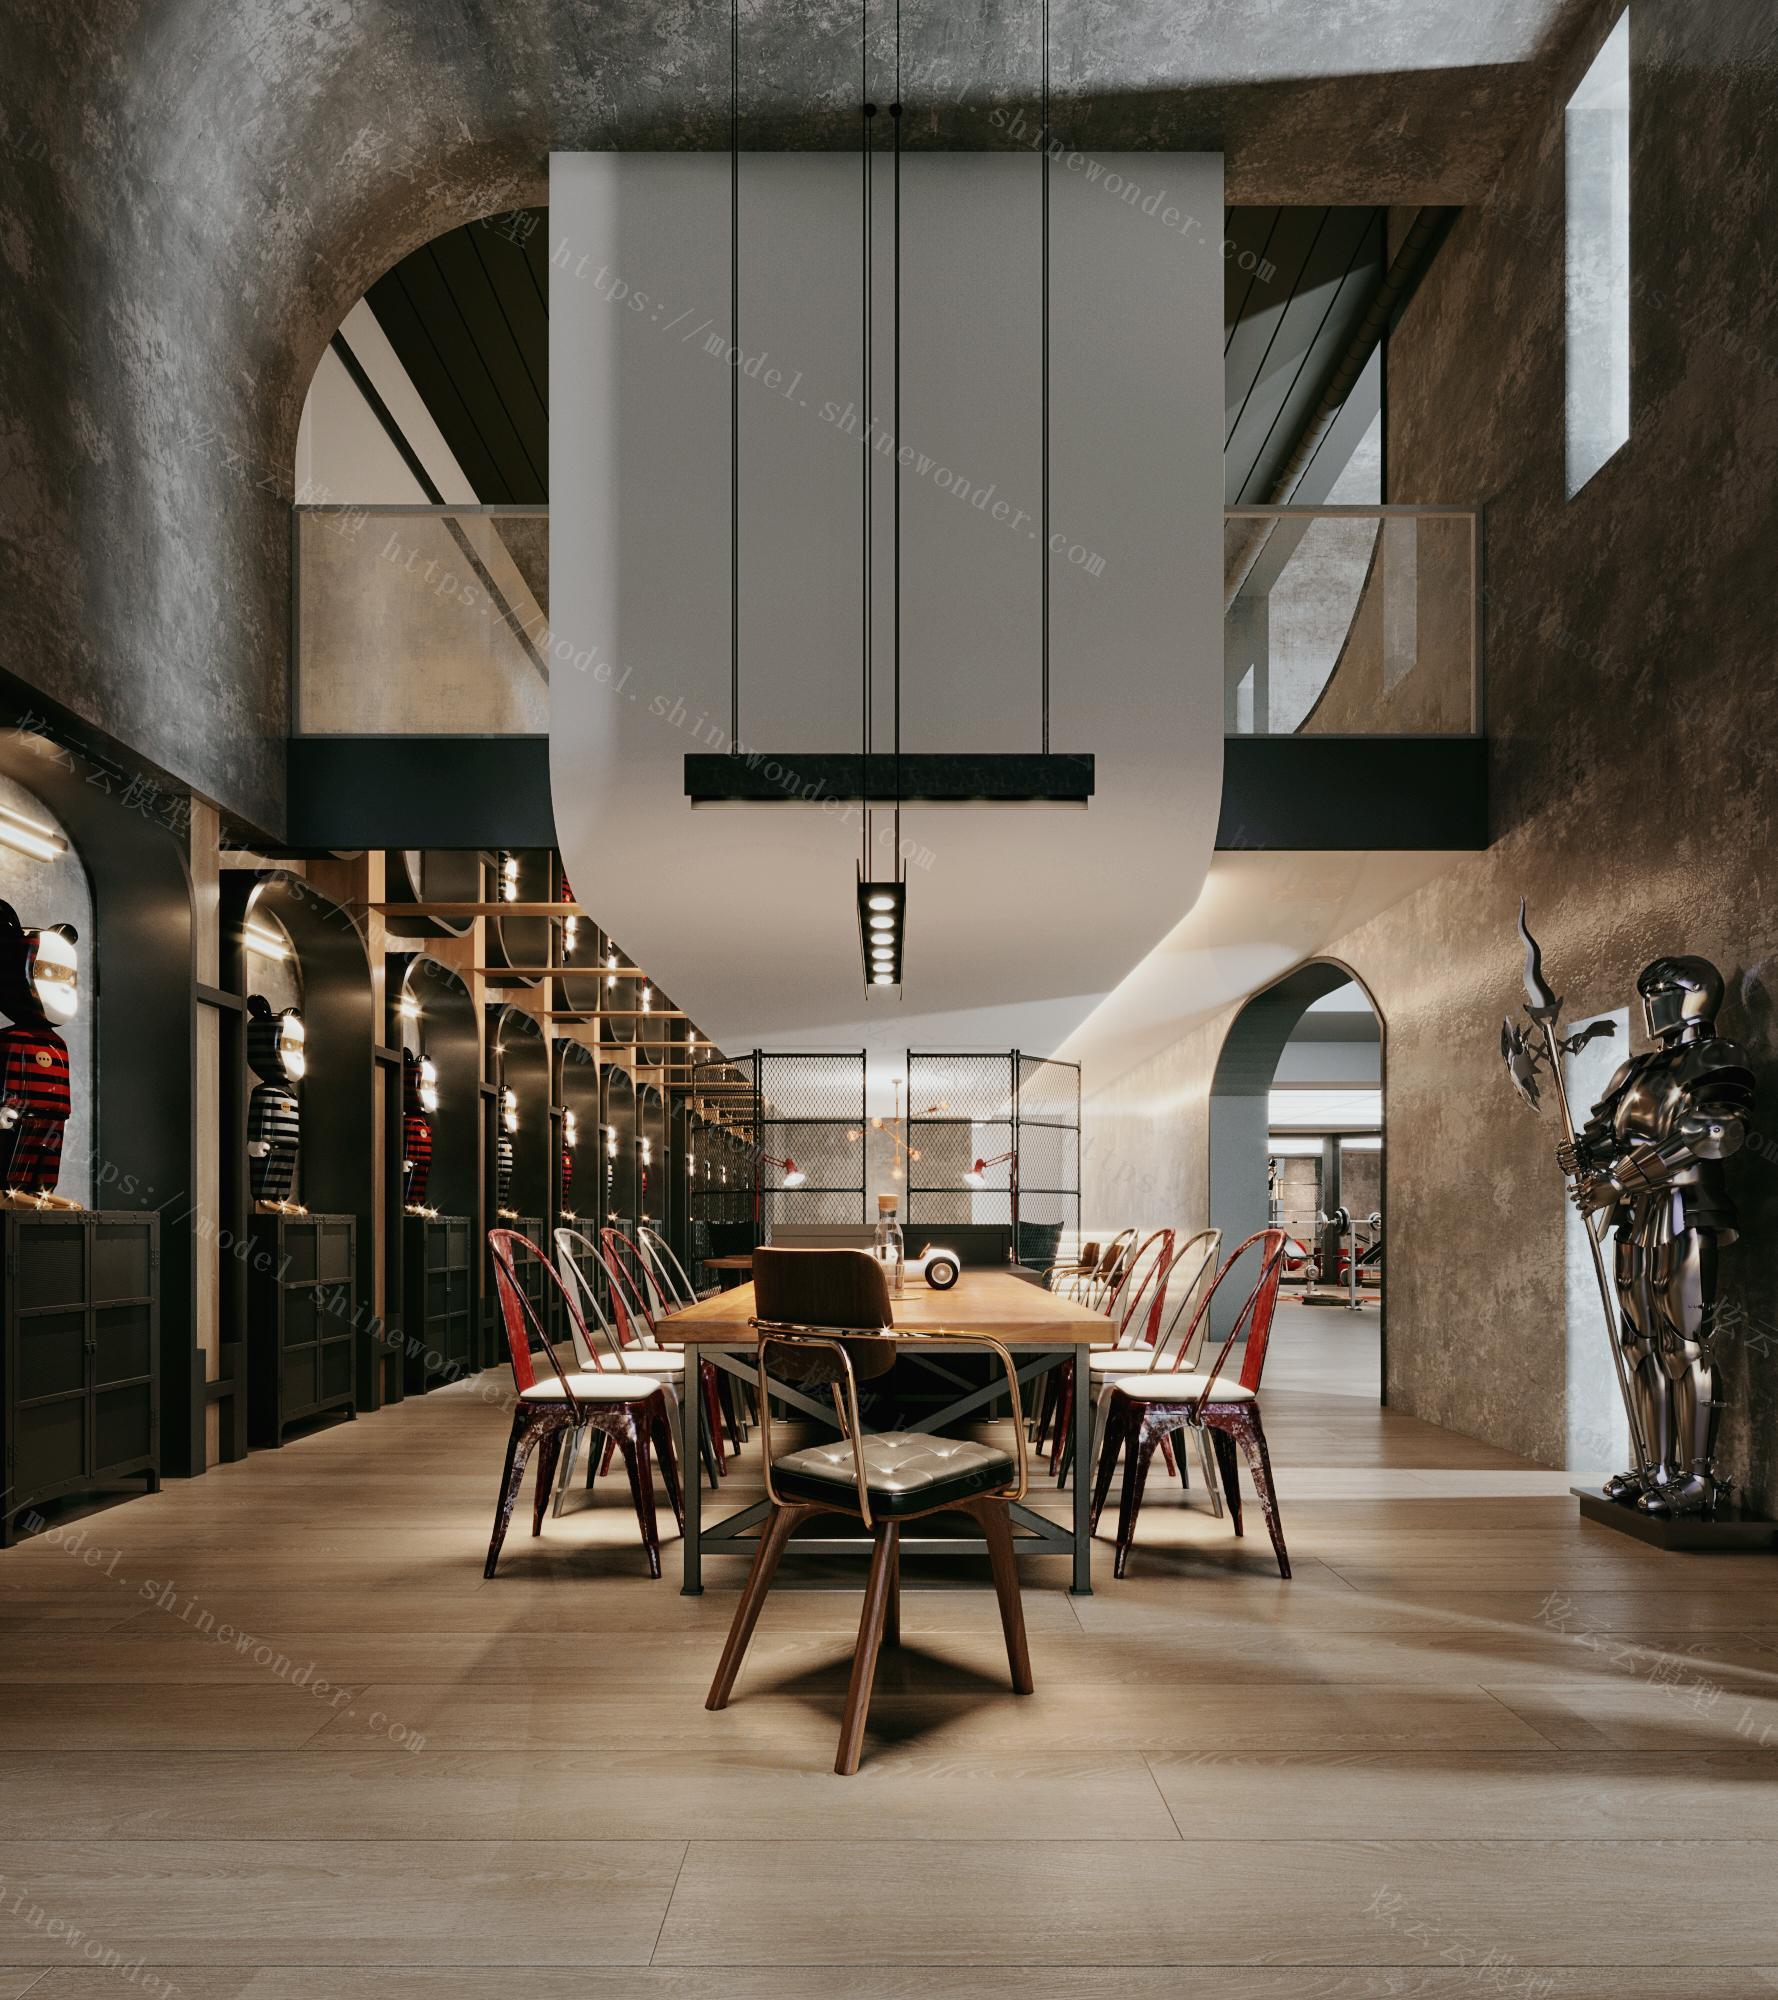 现代工业风健身房接待餐厅模型